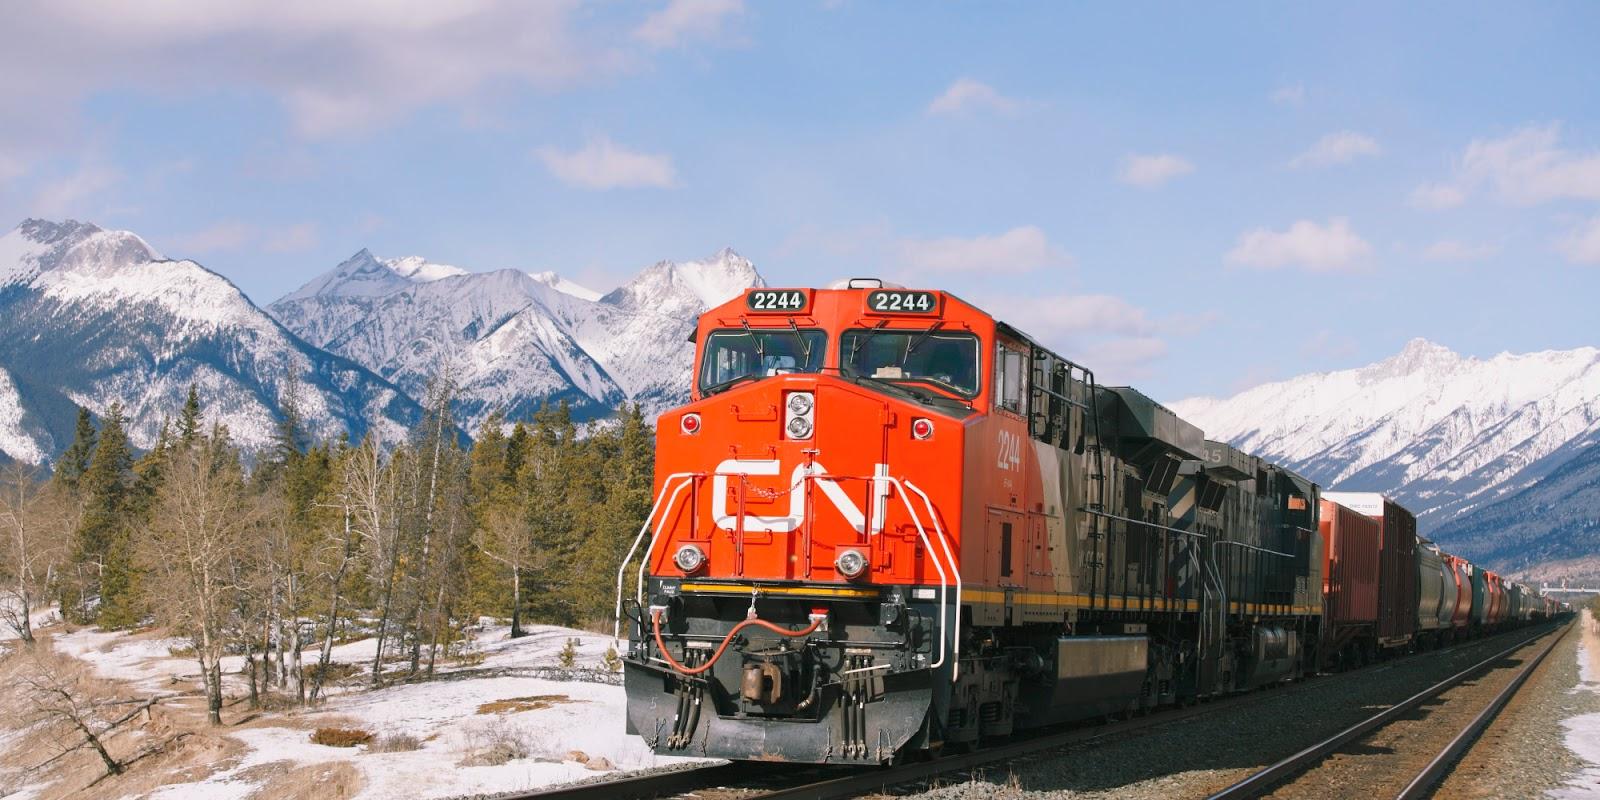 Gambar Kereta Api Lengkap  Kumpulan Gambar Lengkap